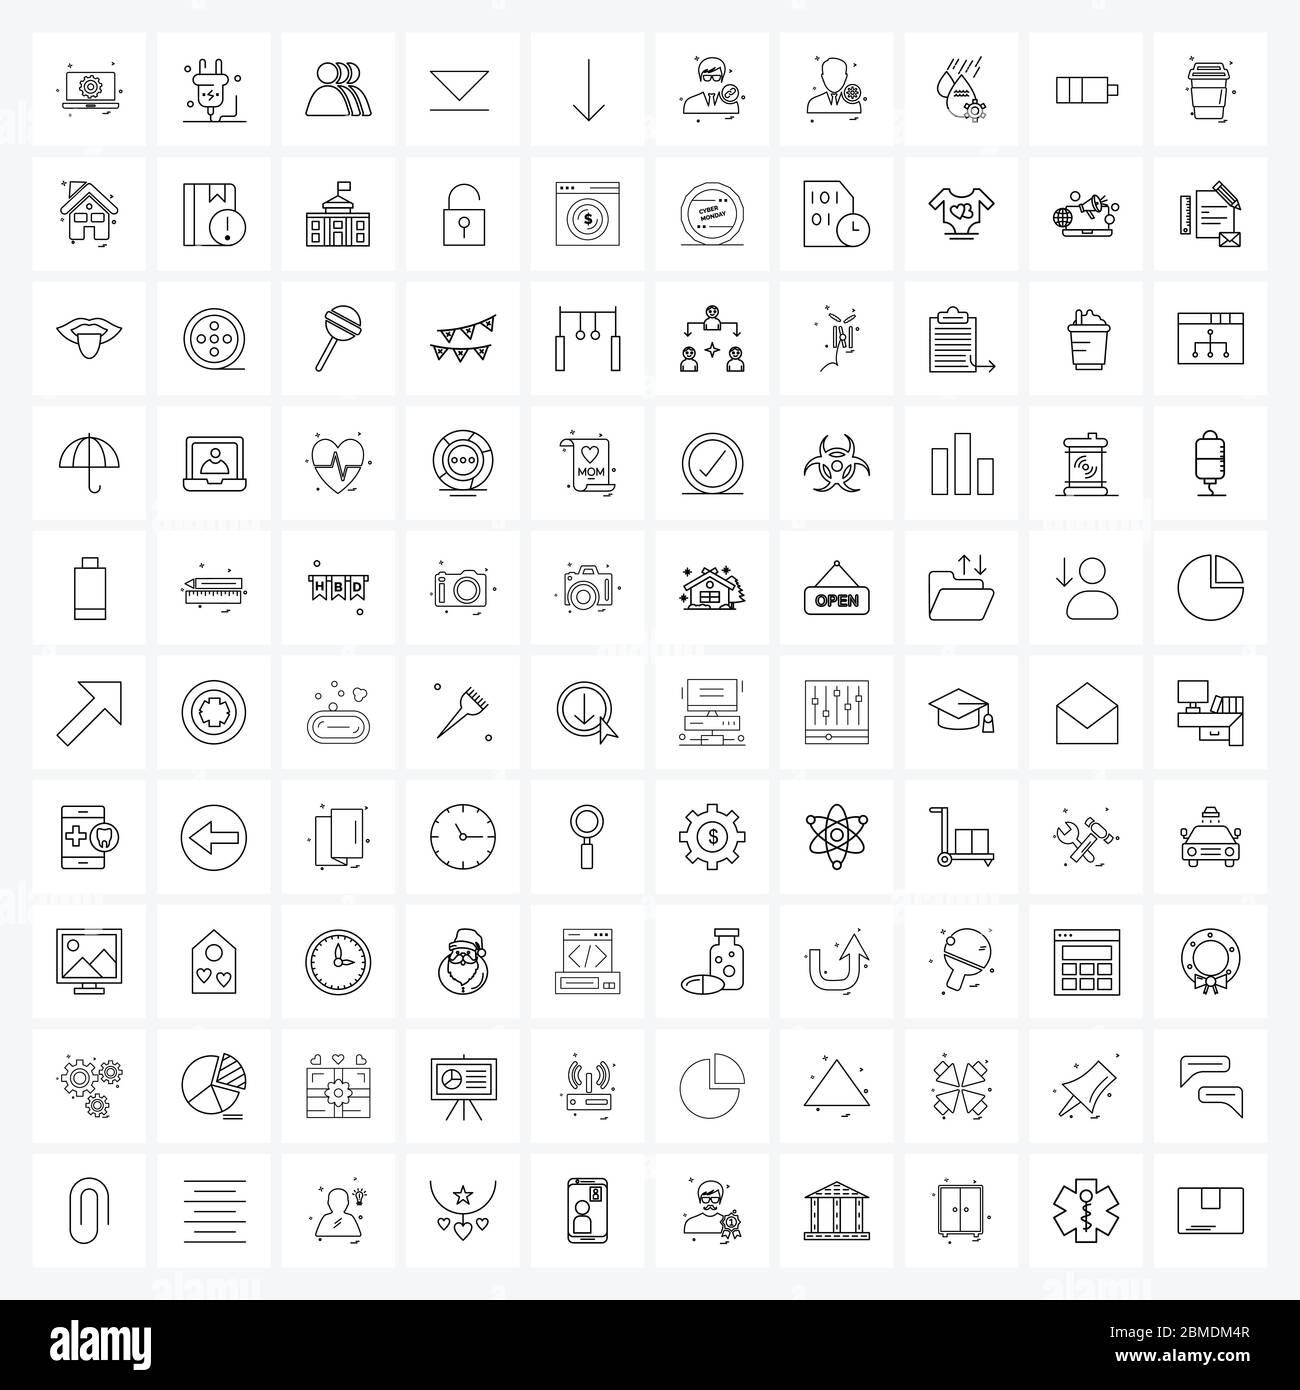 Stock Vektor Symbol Satz von 20 Linien Symbole für Avatar, unten ...